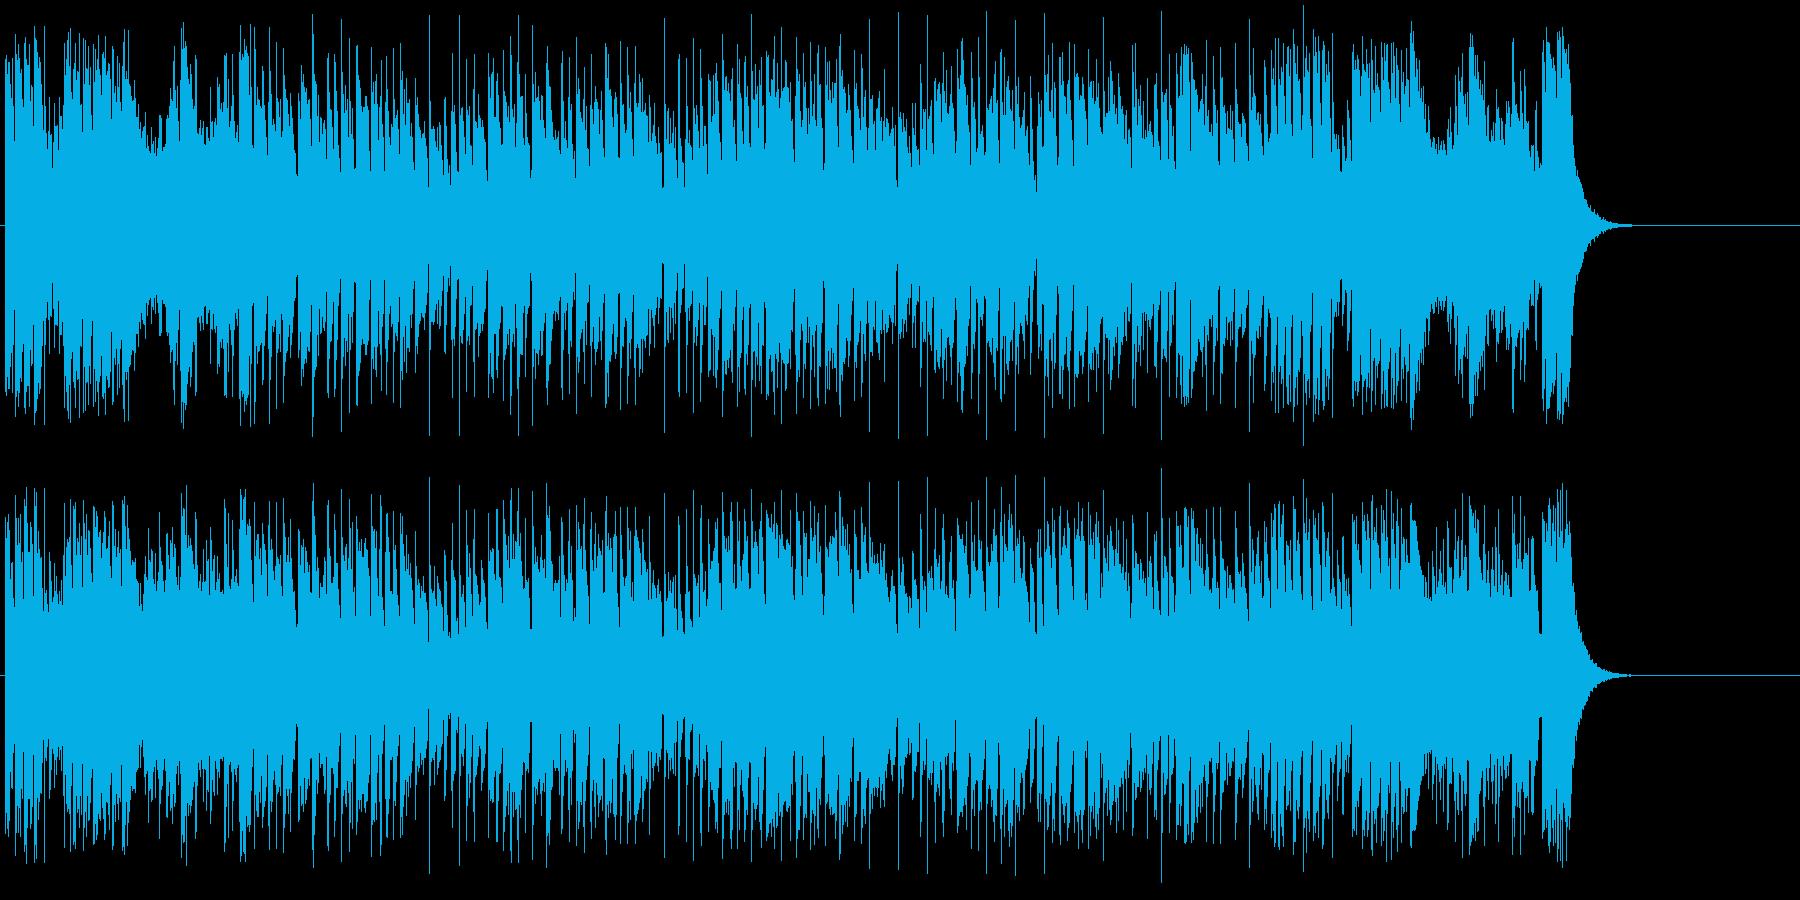 走り抜ける様なスピード感あふれるポップスの再生済みの波形